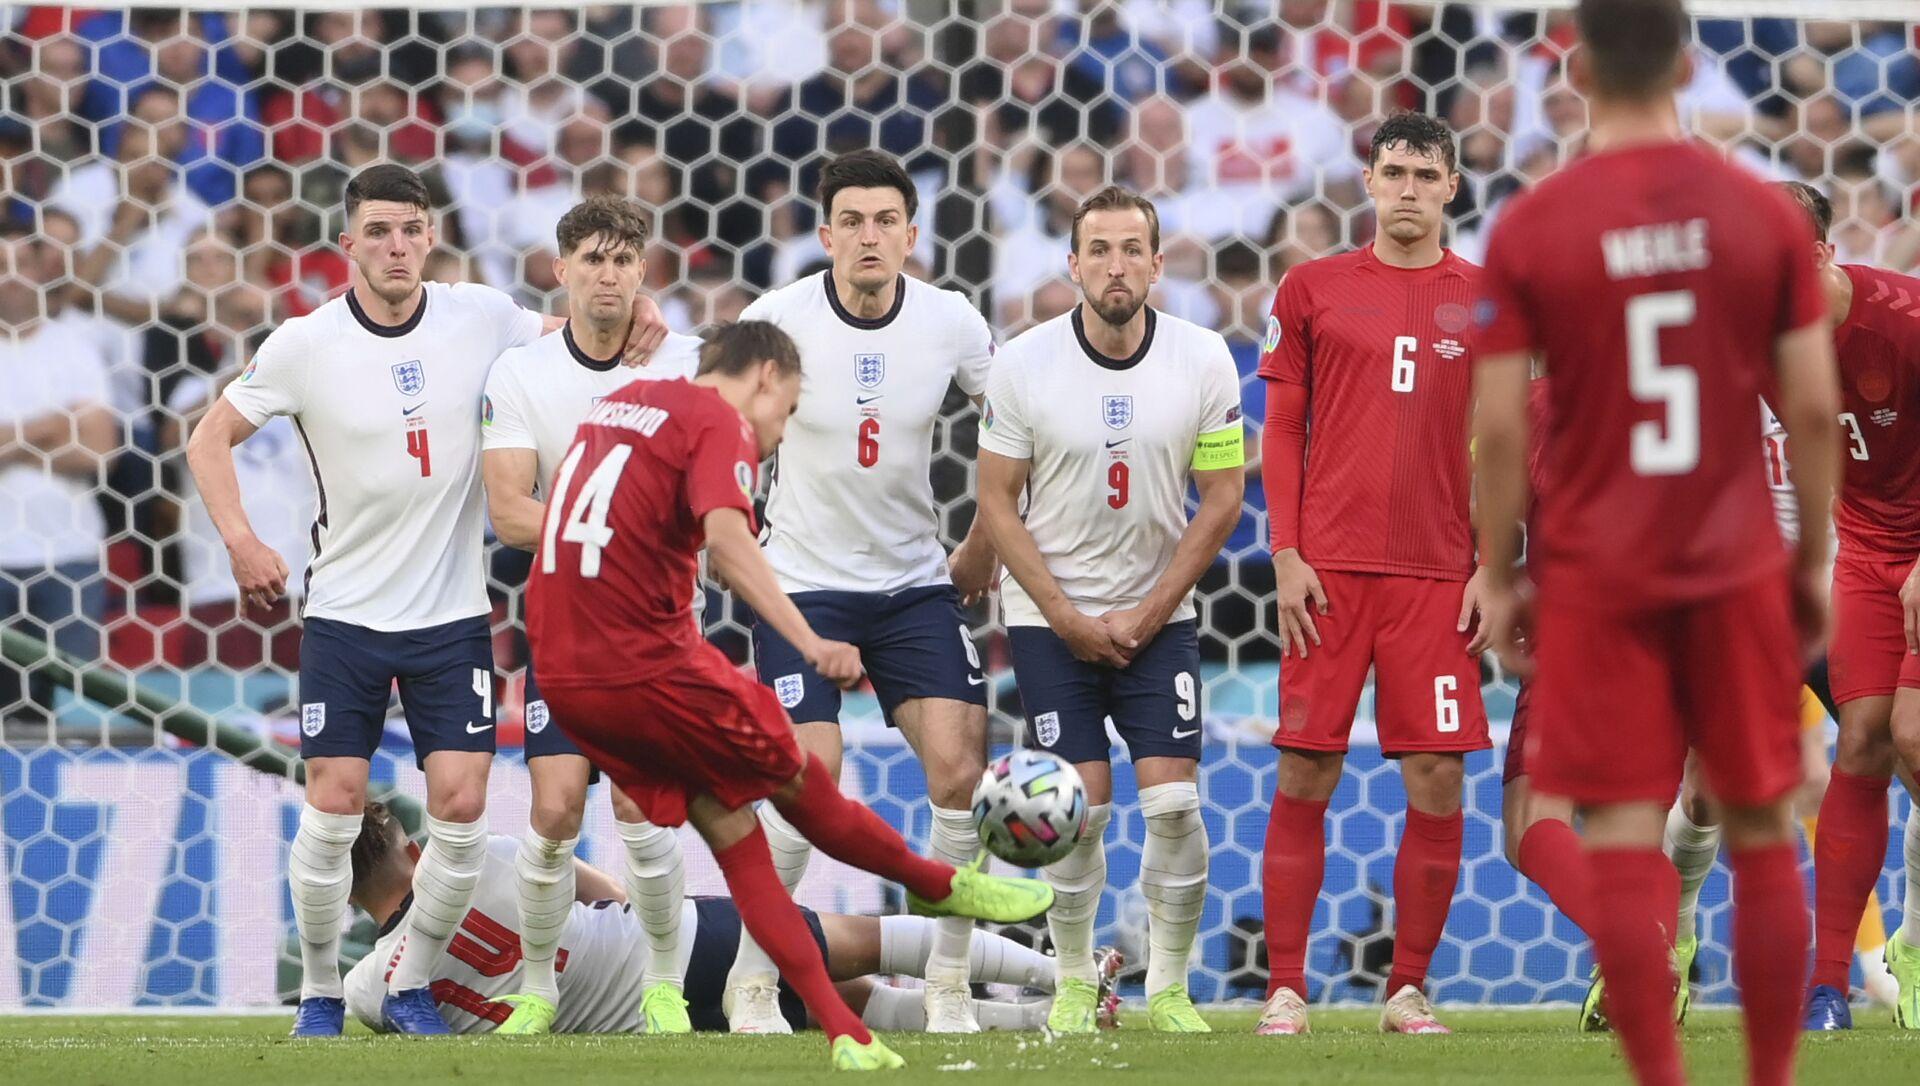 Trận bán kết EURO 2020 giữa tuyển Anh và Đan Mạch - Sputnik Việt Nam, 1920, 08.07.2021